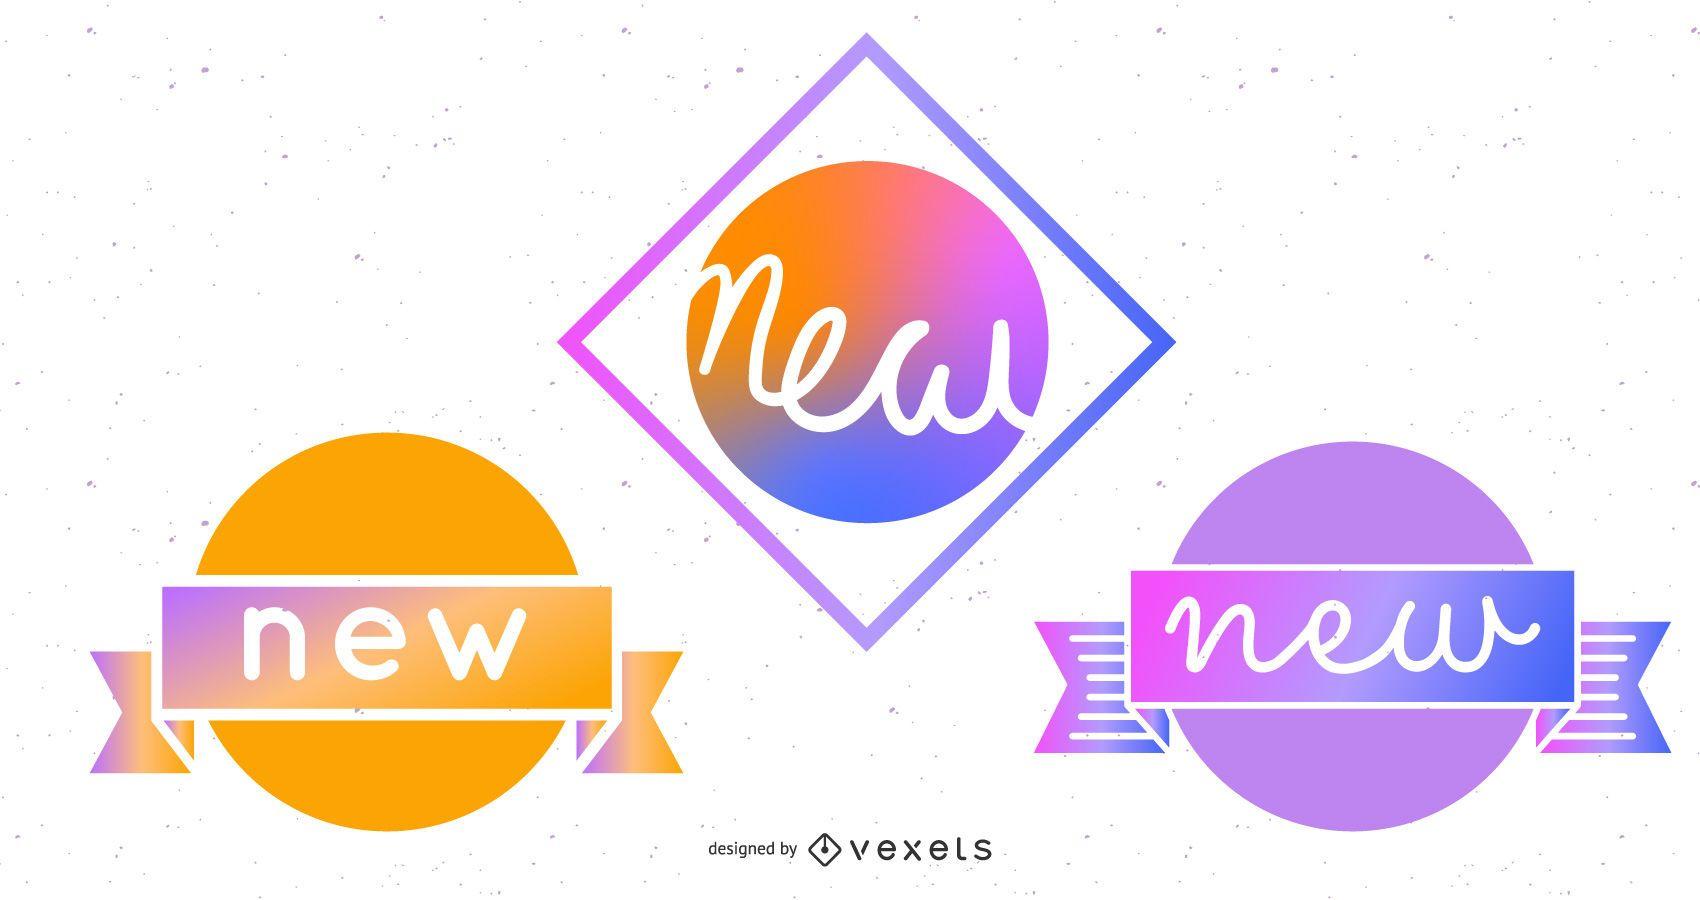 Nuevas pegatinas de insignias - Elemento web